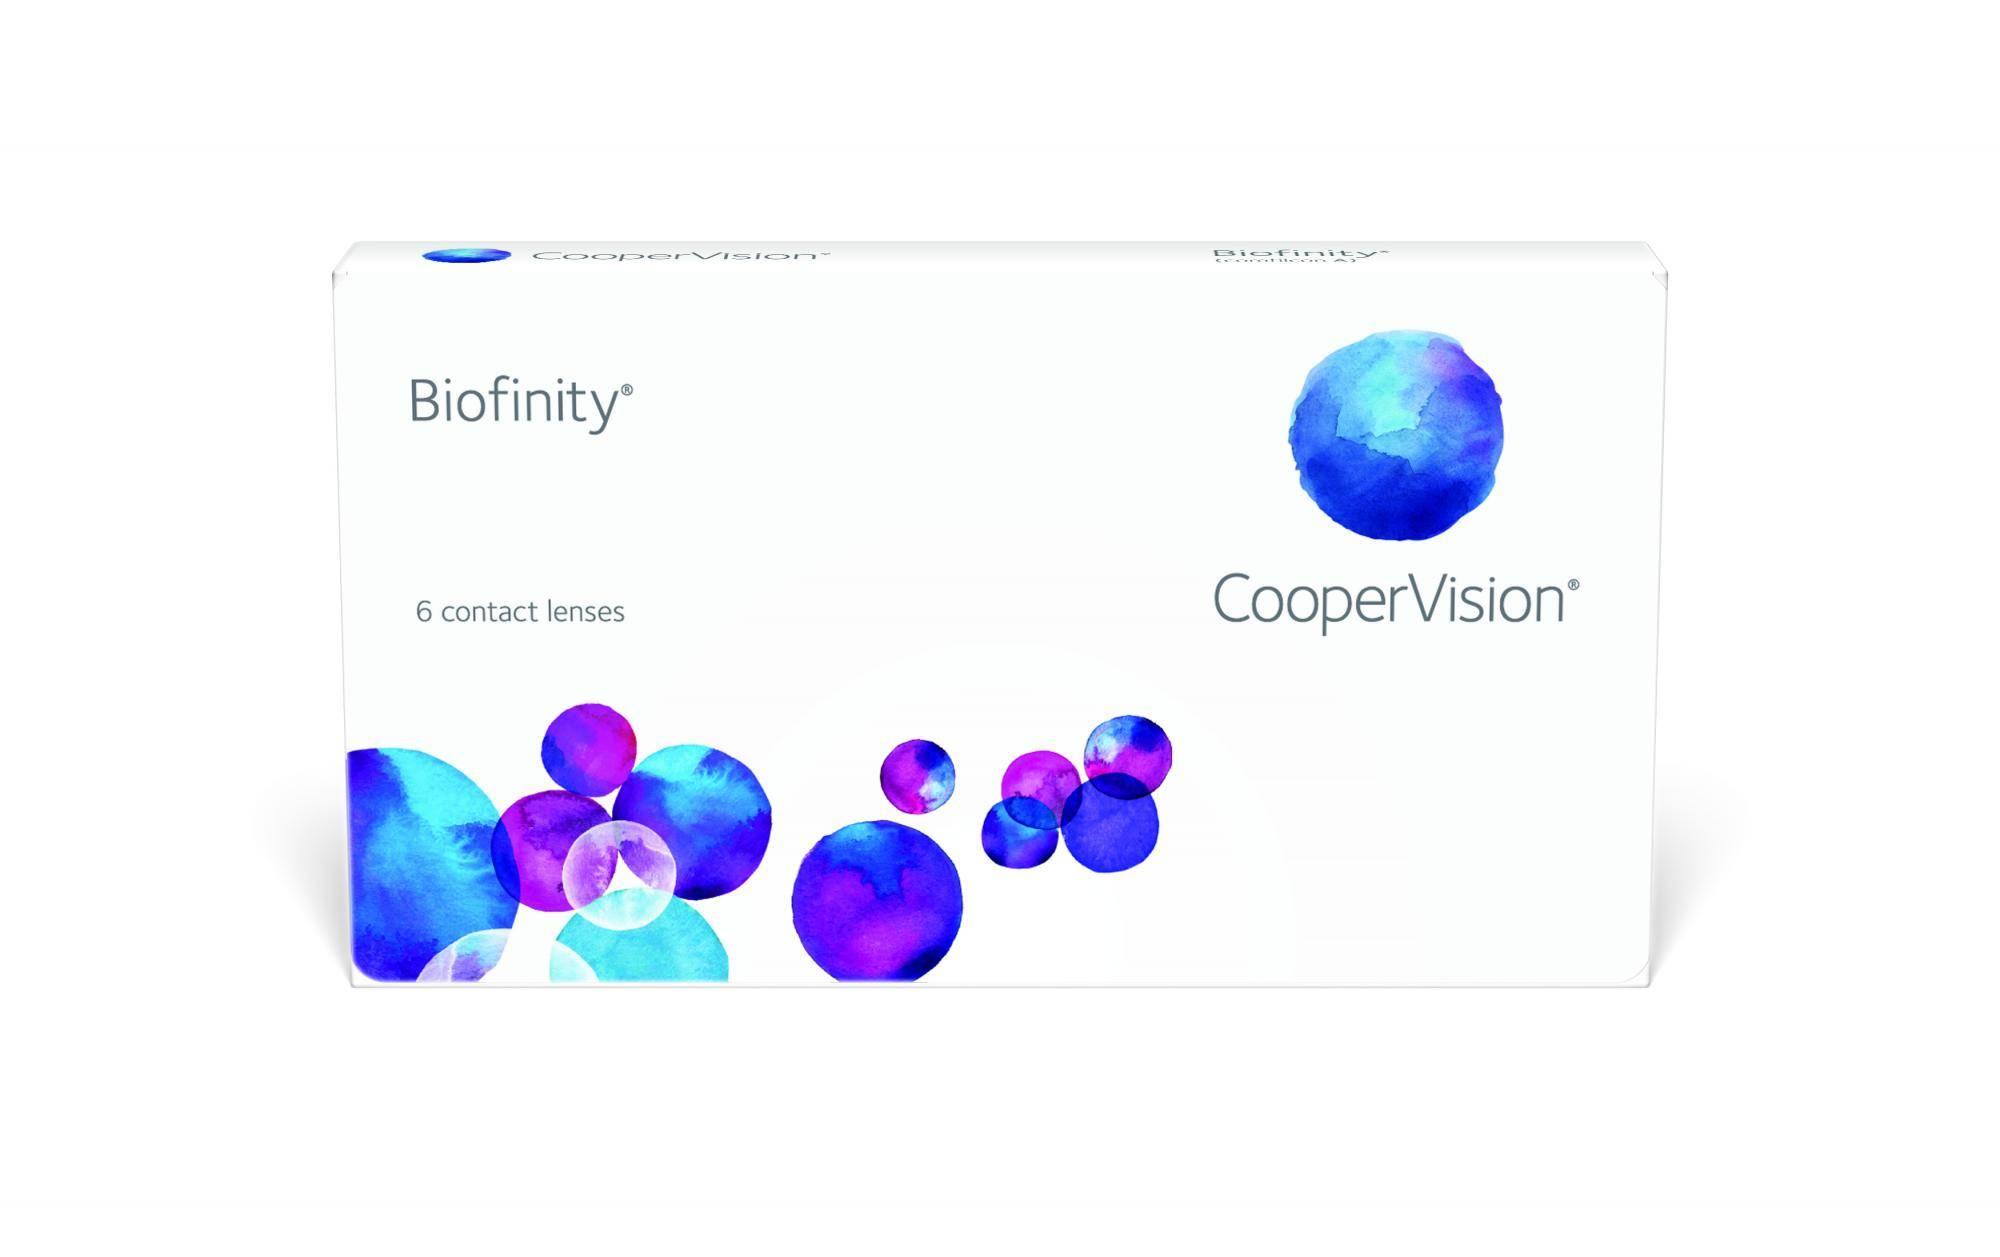 Контактные линзы biofinfty (биофинити): виды, характеристики